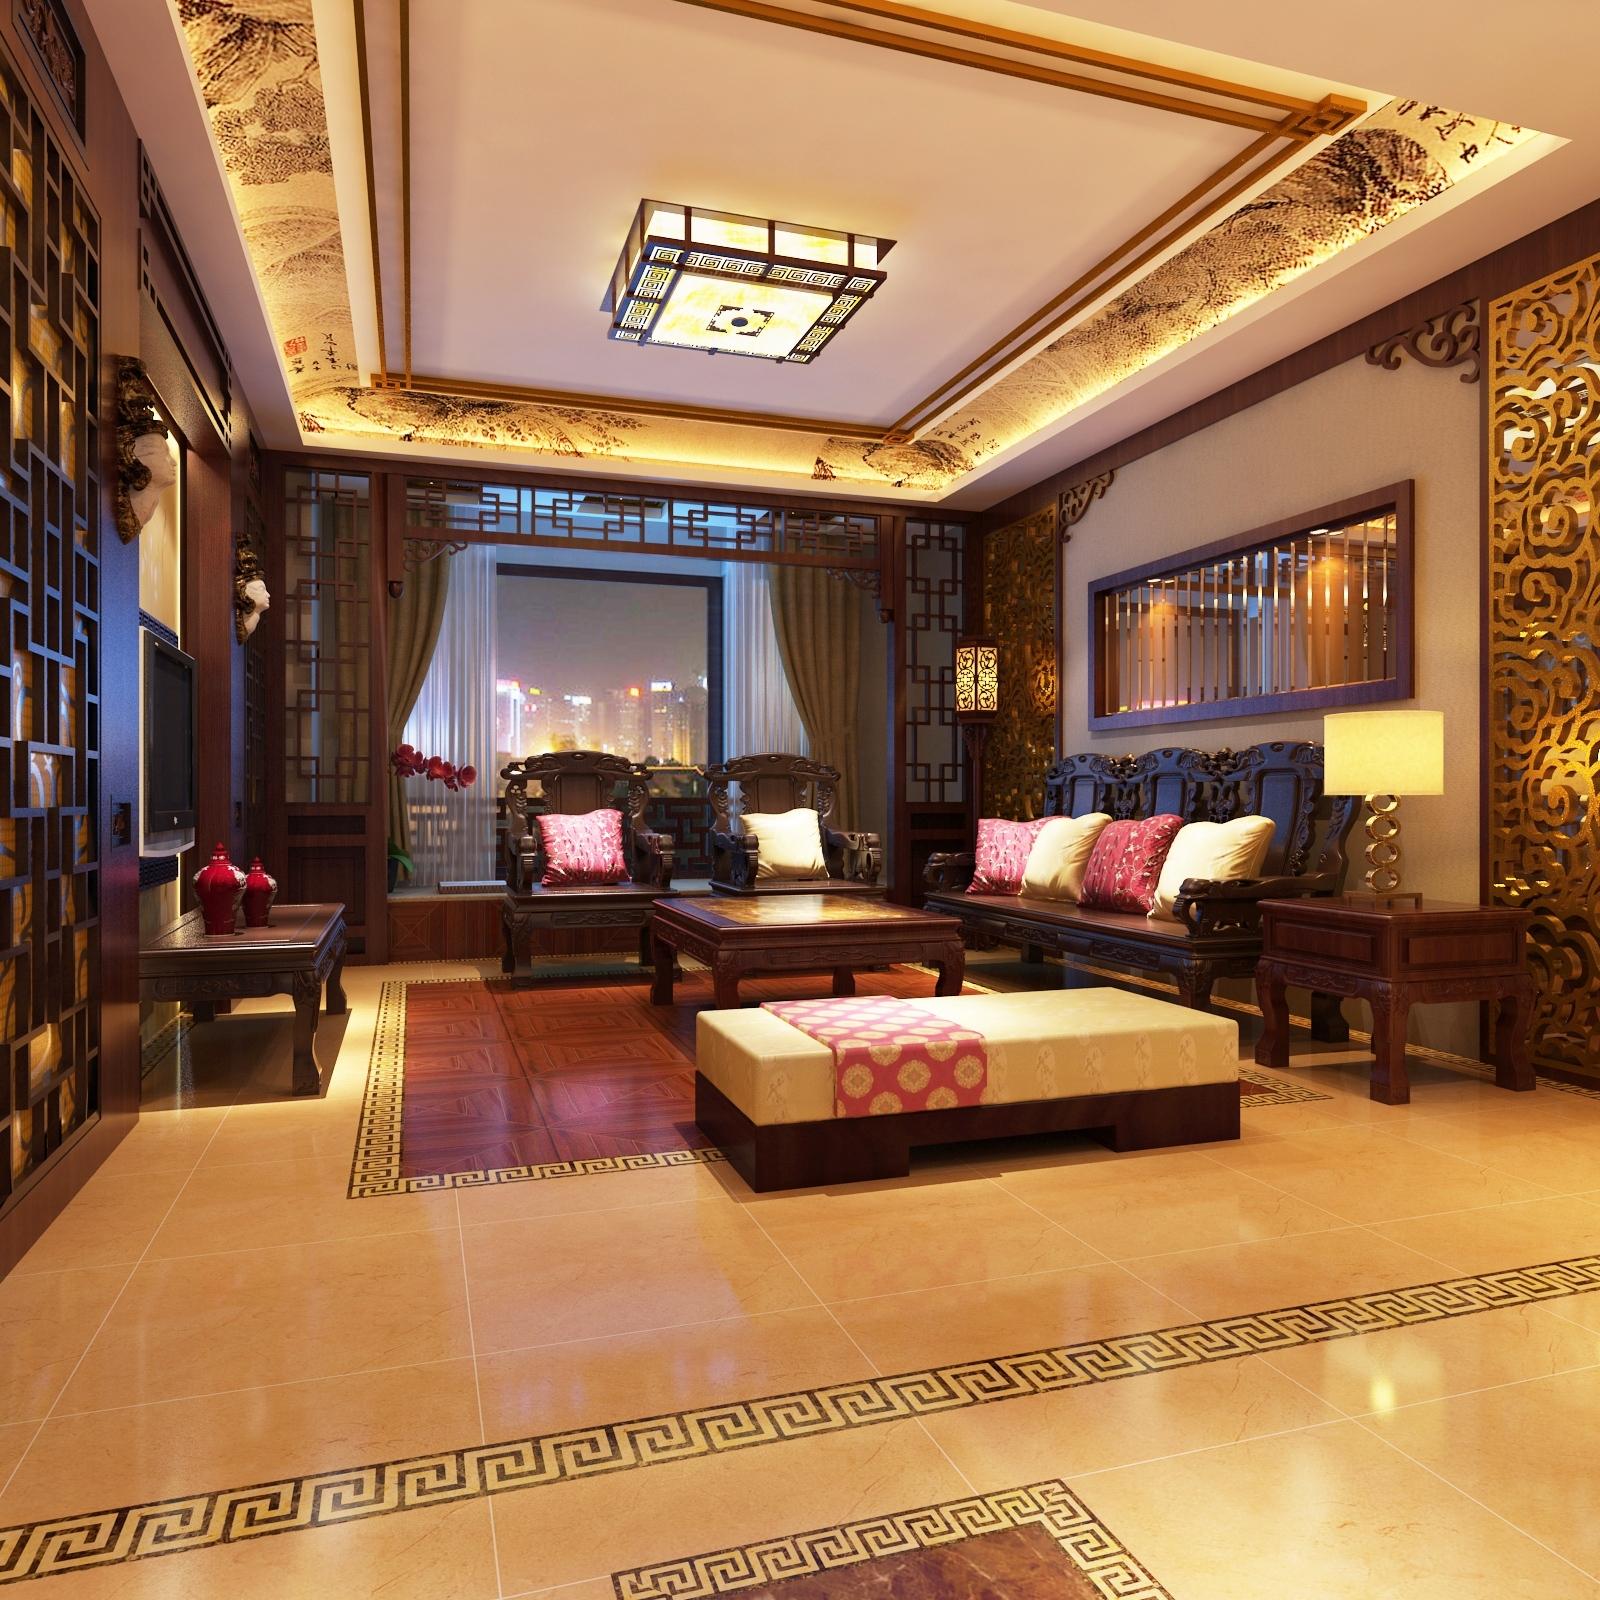 中式古典风格美家图片